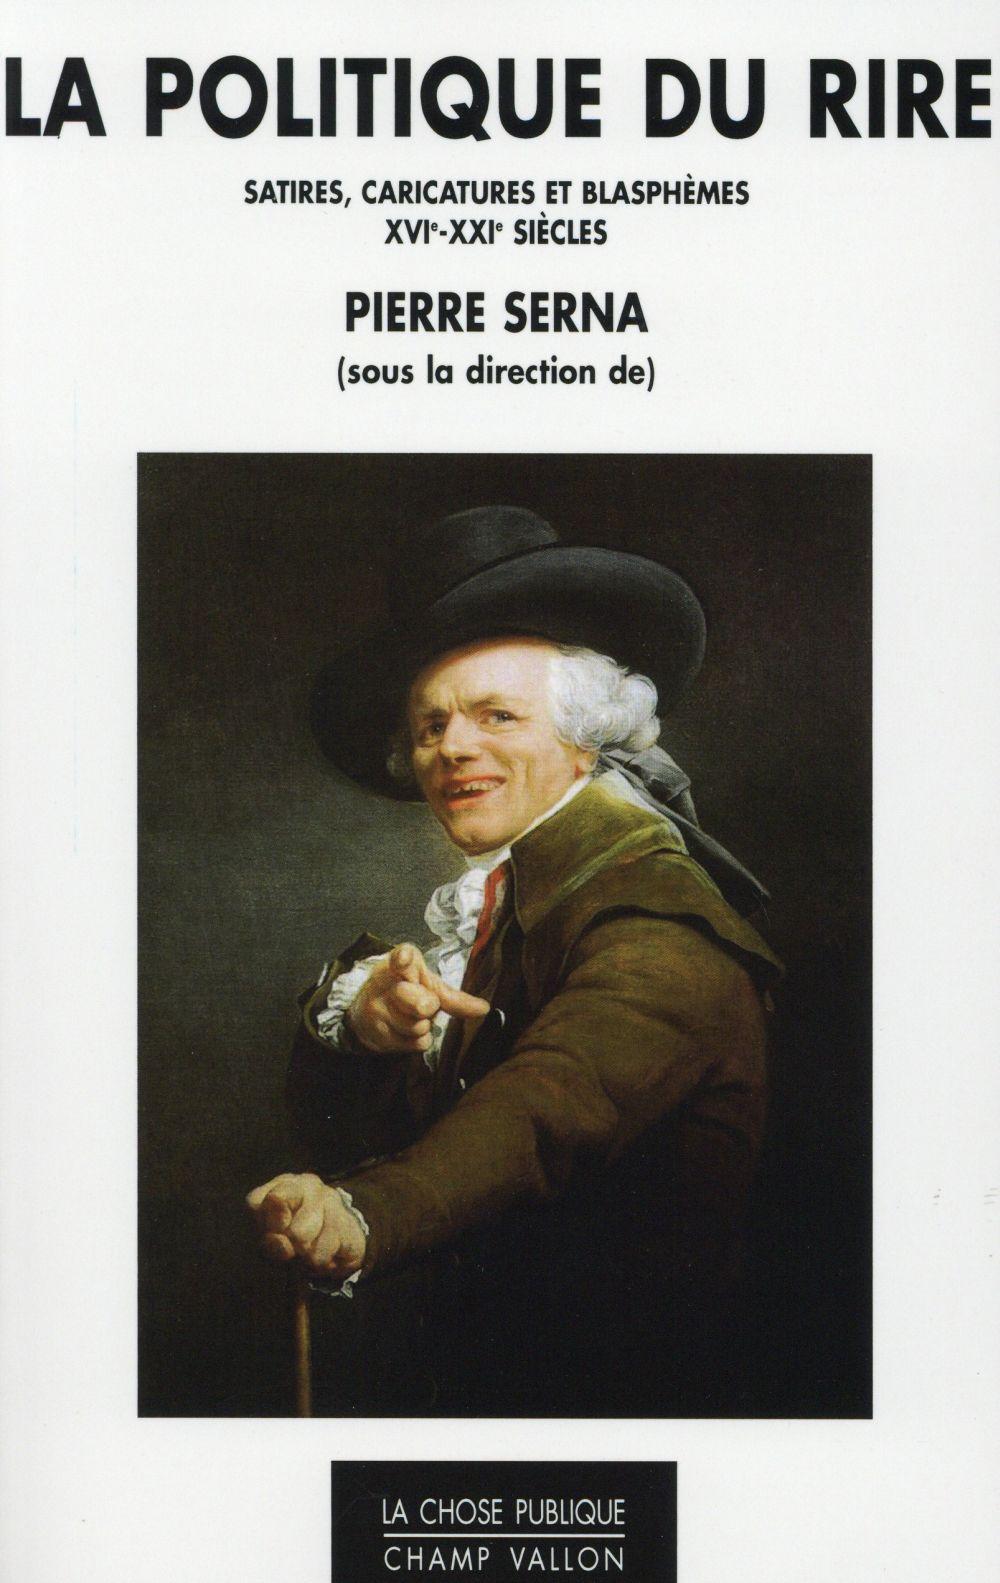 La politique du rire ; satires, sacrilèges et blasphèmes (XVIe-XXIe siècles)